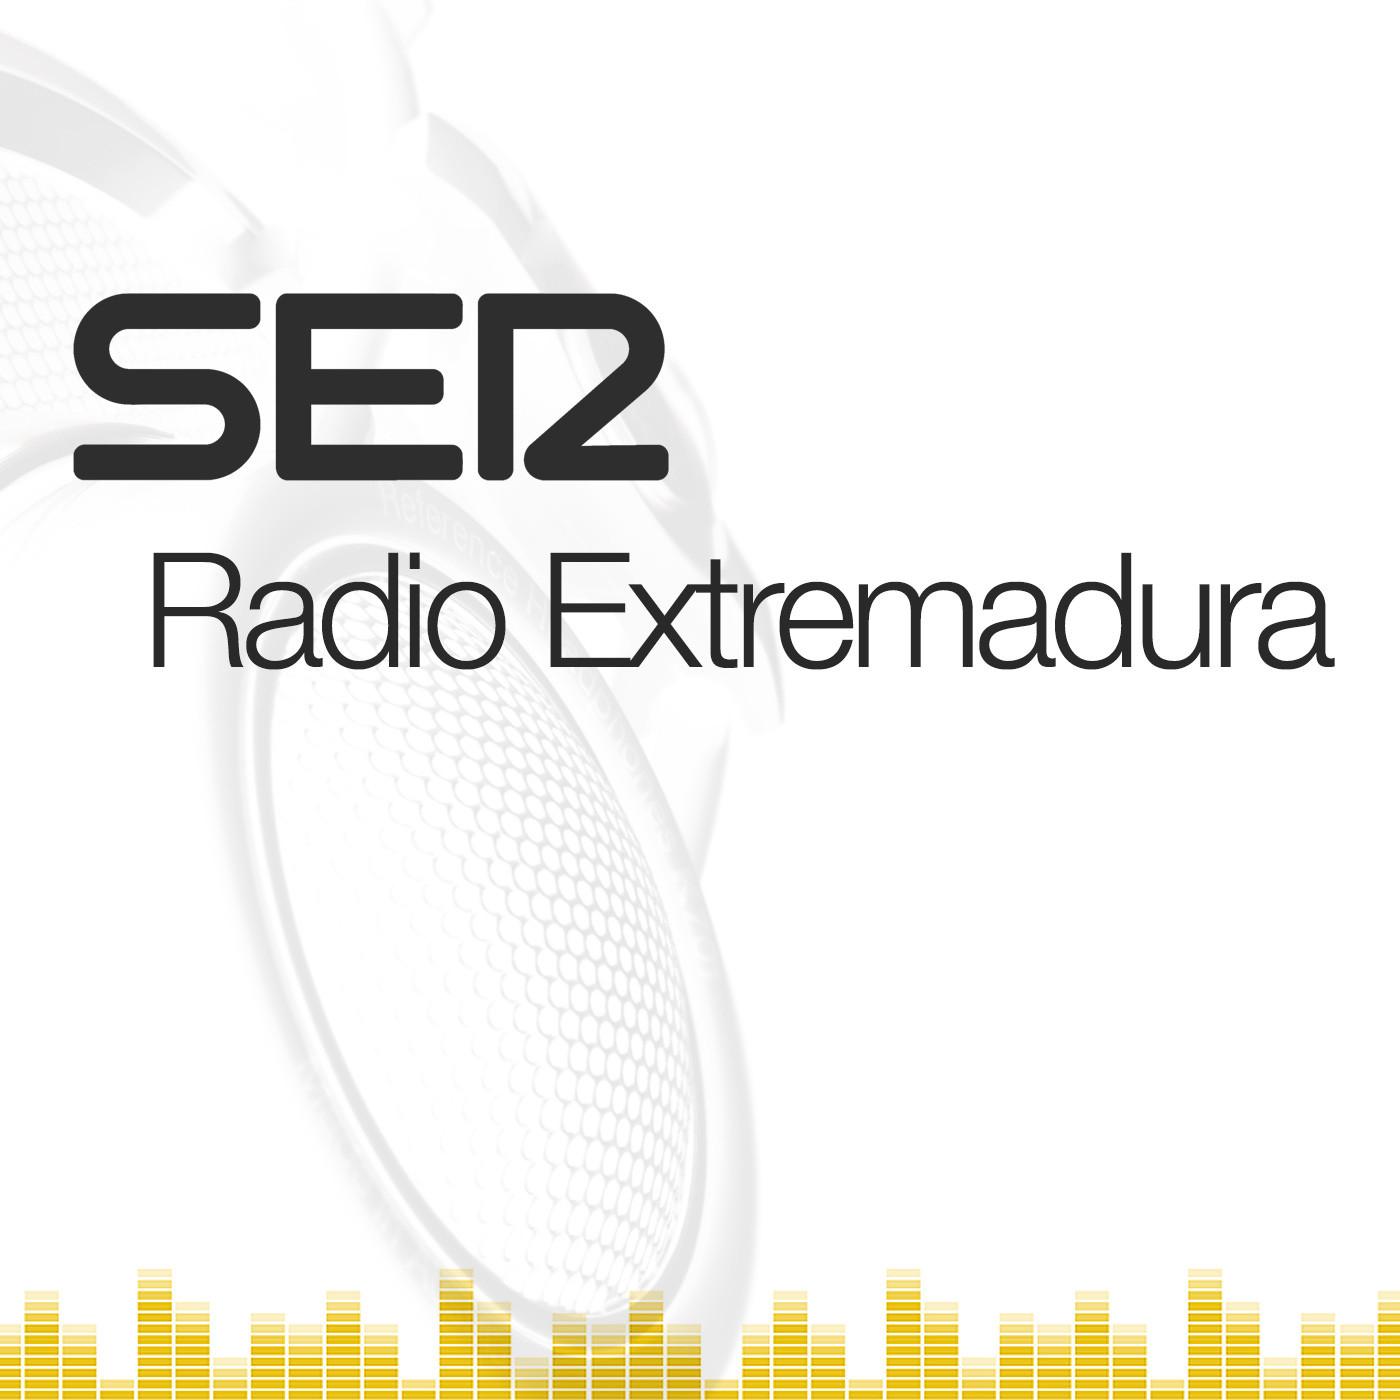 Las noticias de Extremadura, 07:48 (21/10/2020)